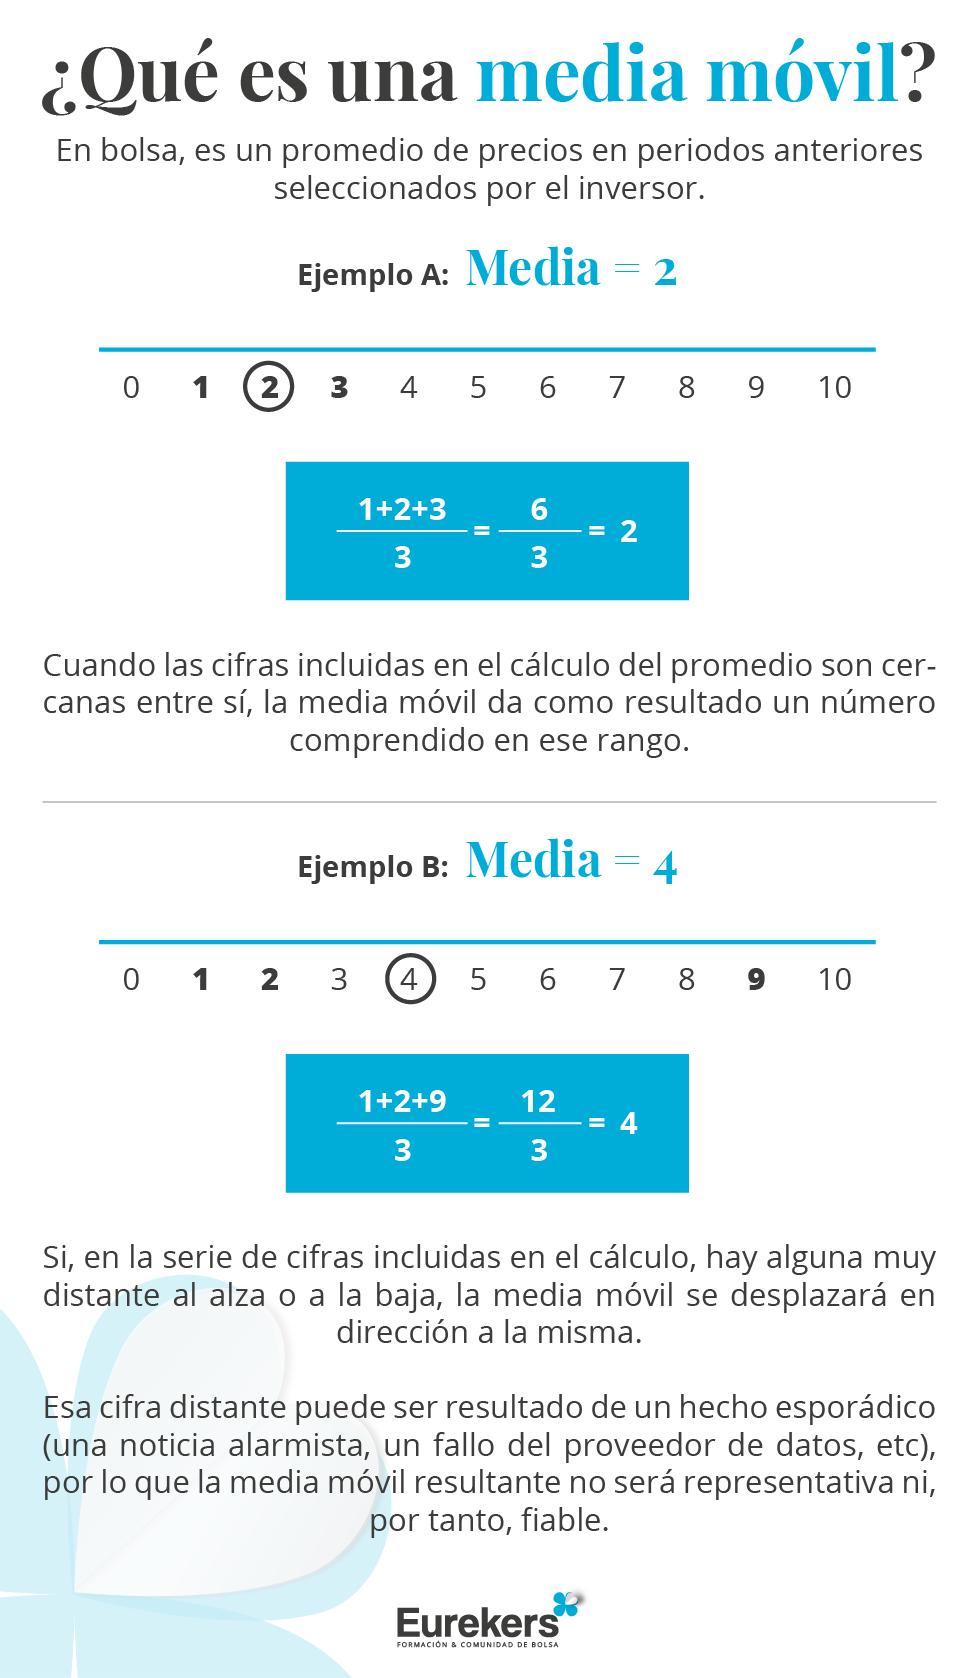 Lo que hacen las medias móviles es calcular,a partir de un conjunto de datos,promedios de precios en determinados periodos anteriores seleccionados por el inversor.